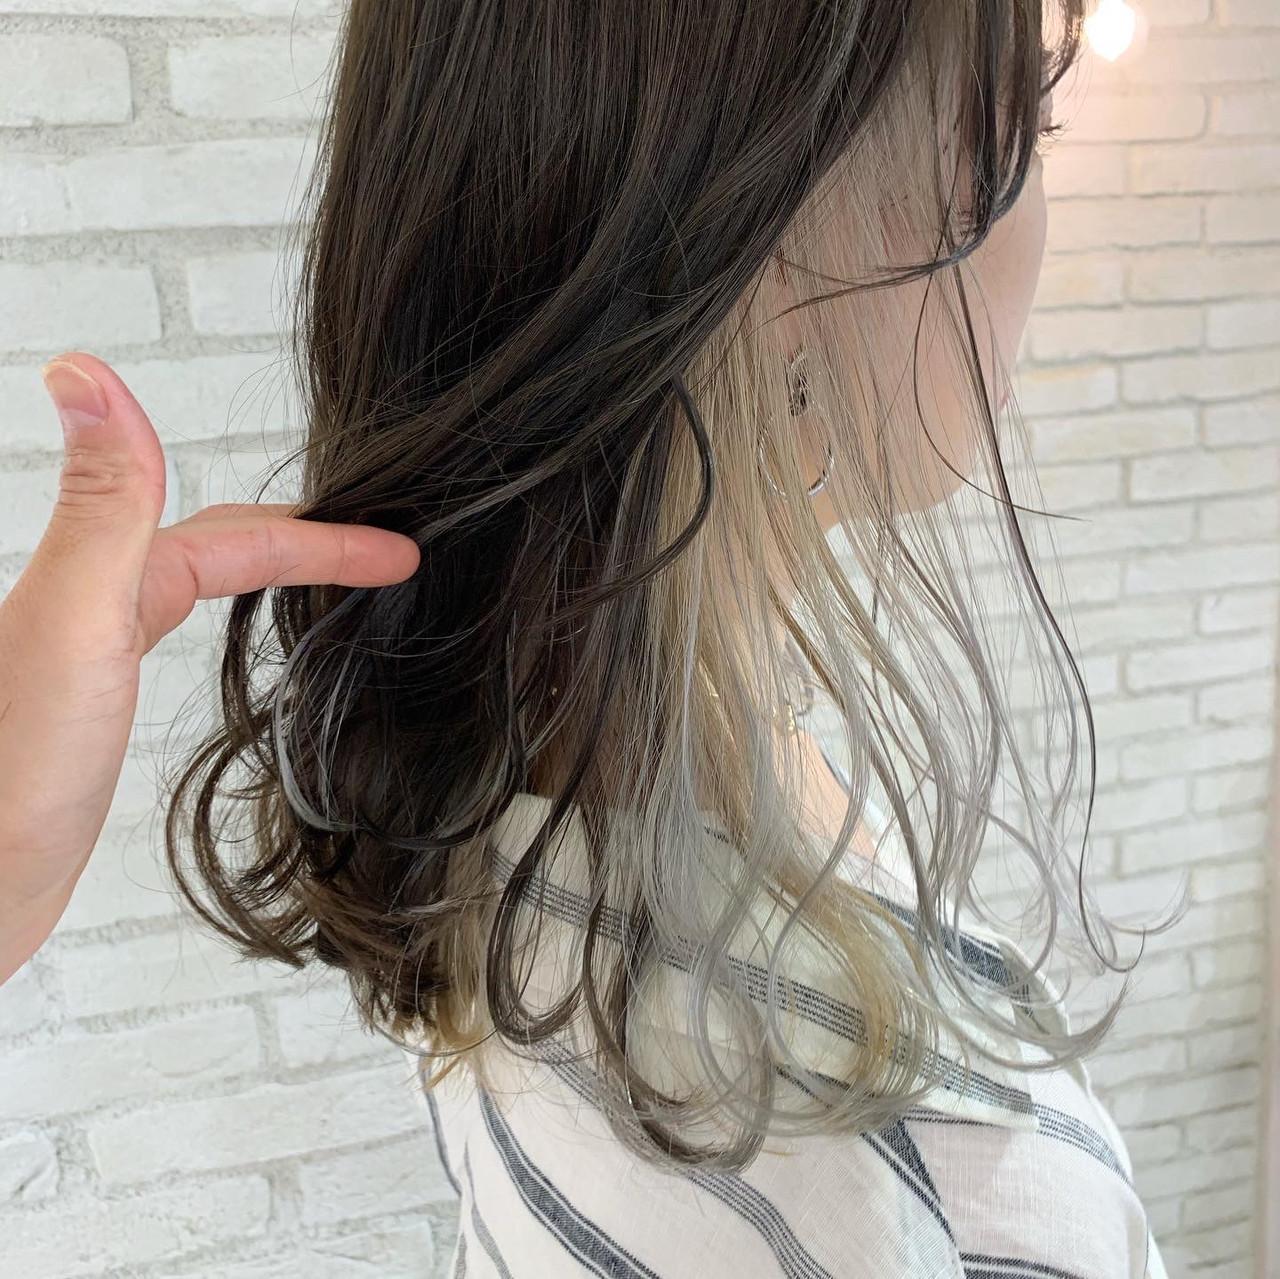 モード インナーカラーホワイト 前髪インナーカラー イヤリングカラー ヘアスタイルや髪型の写真・画像